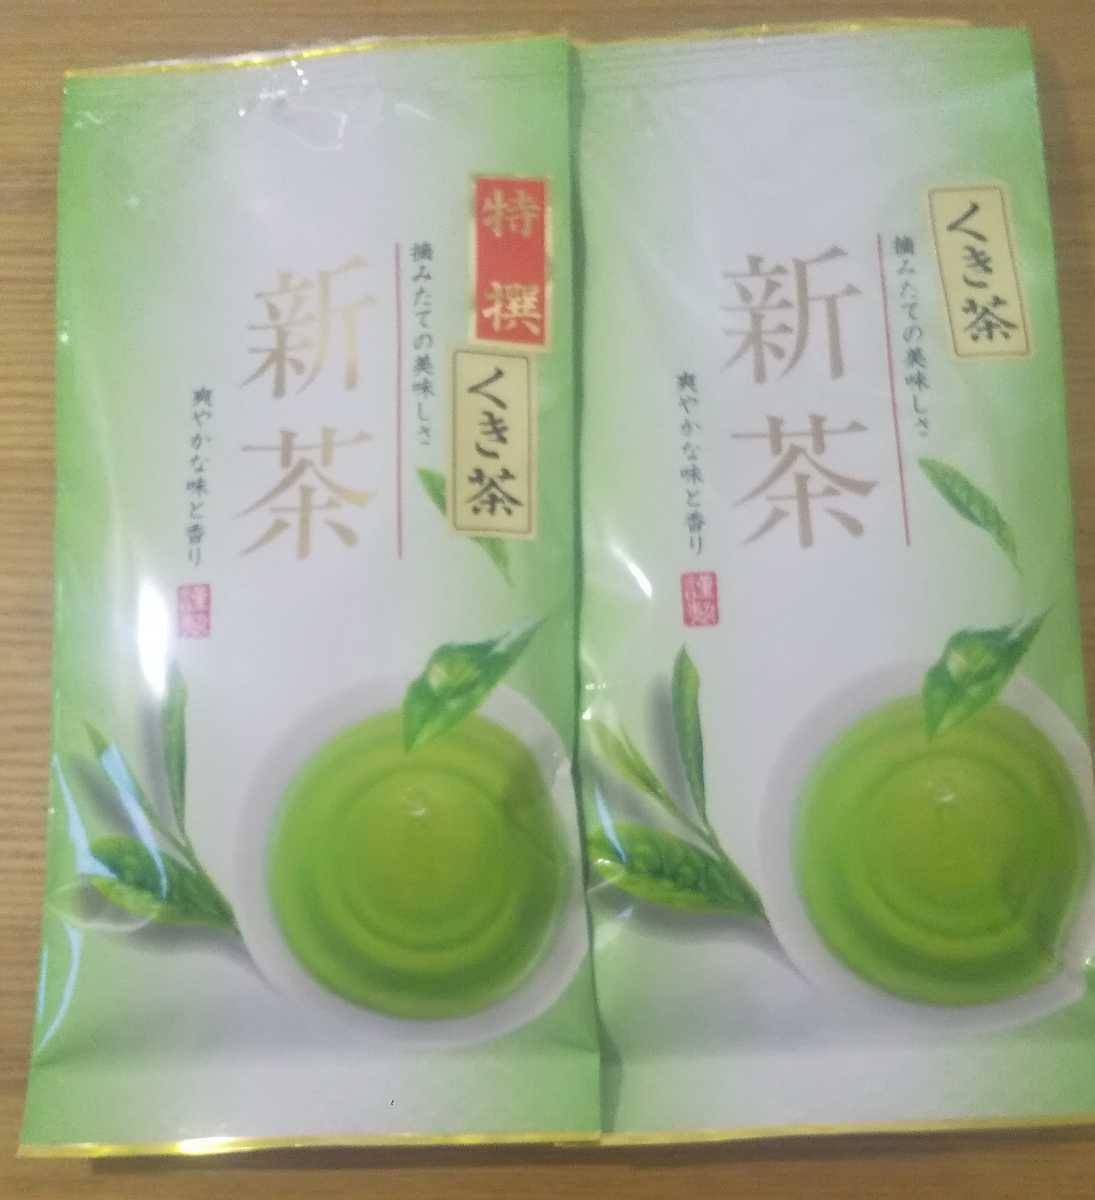 ⑥2021年新茶 静岡県牧之原市産煎茶お試し!(くき茶飲み比べ)_画像1